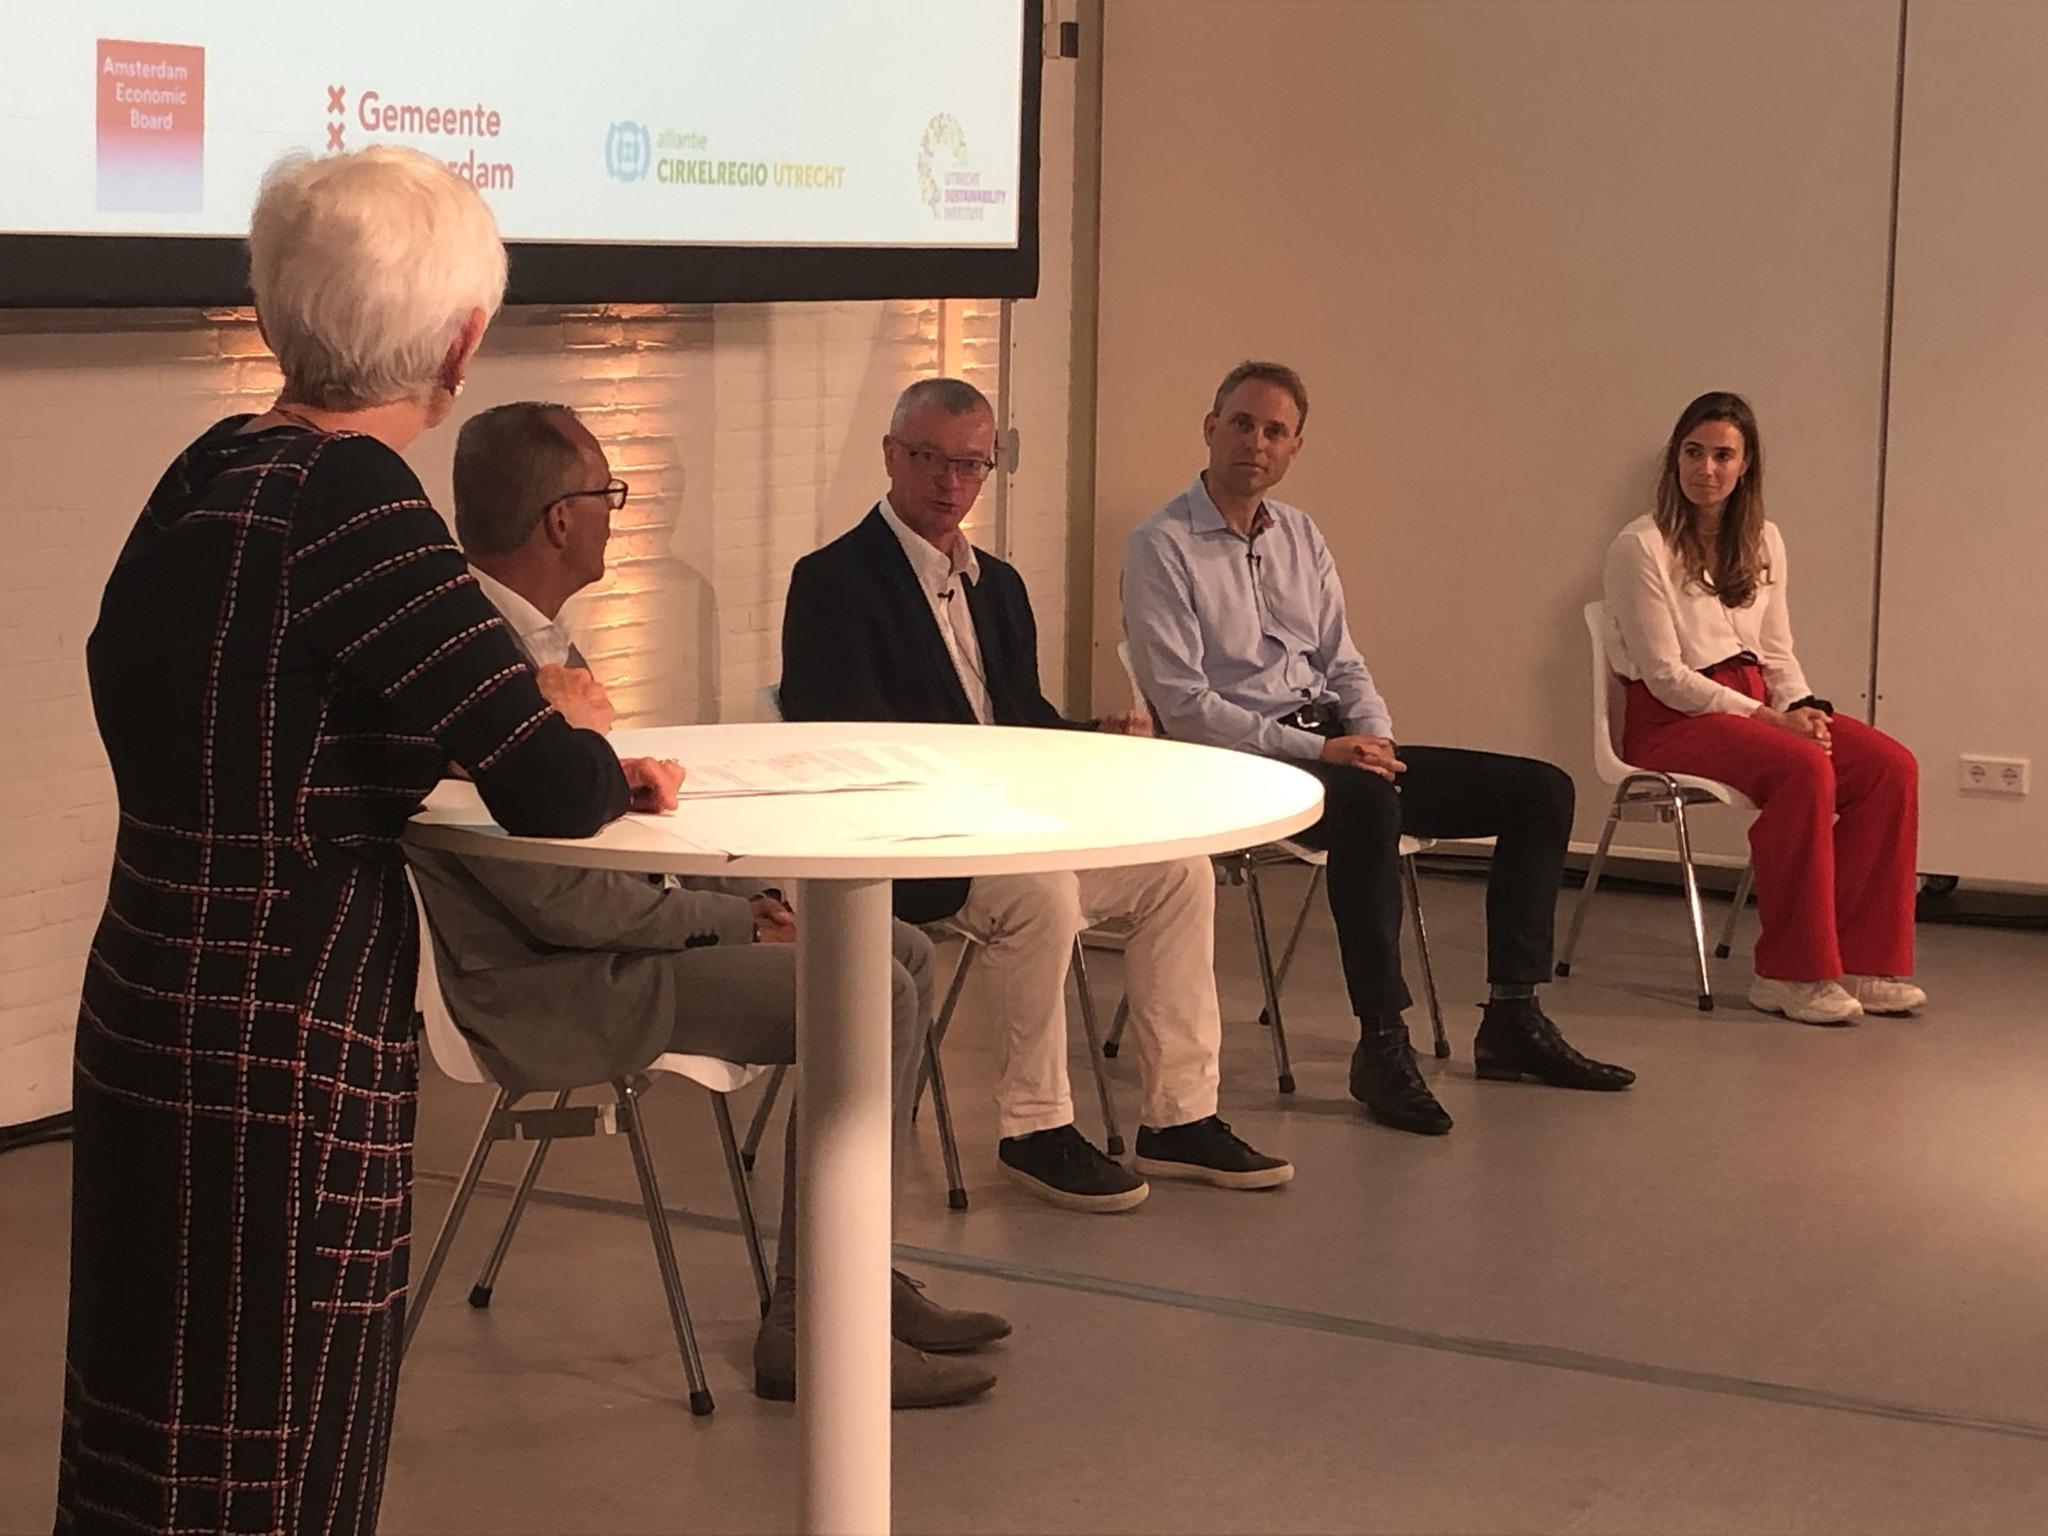 Zonnepanelen Meetup | Amsterdam Economic Board